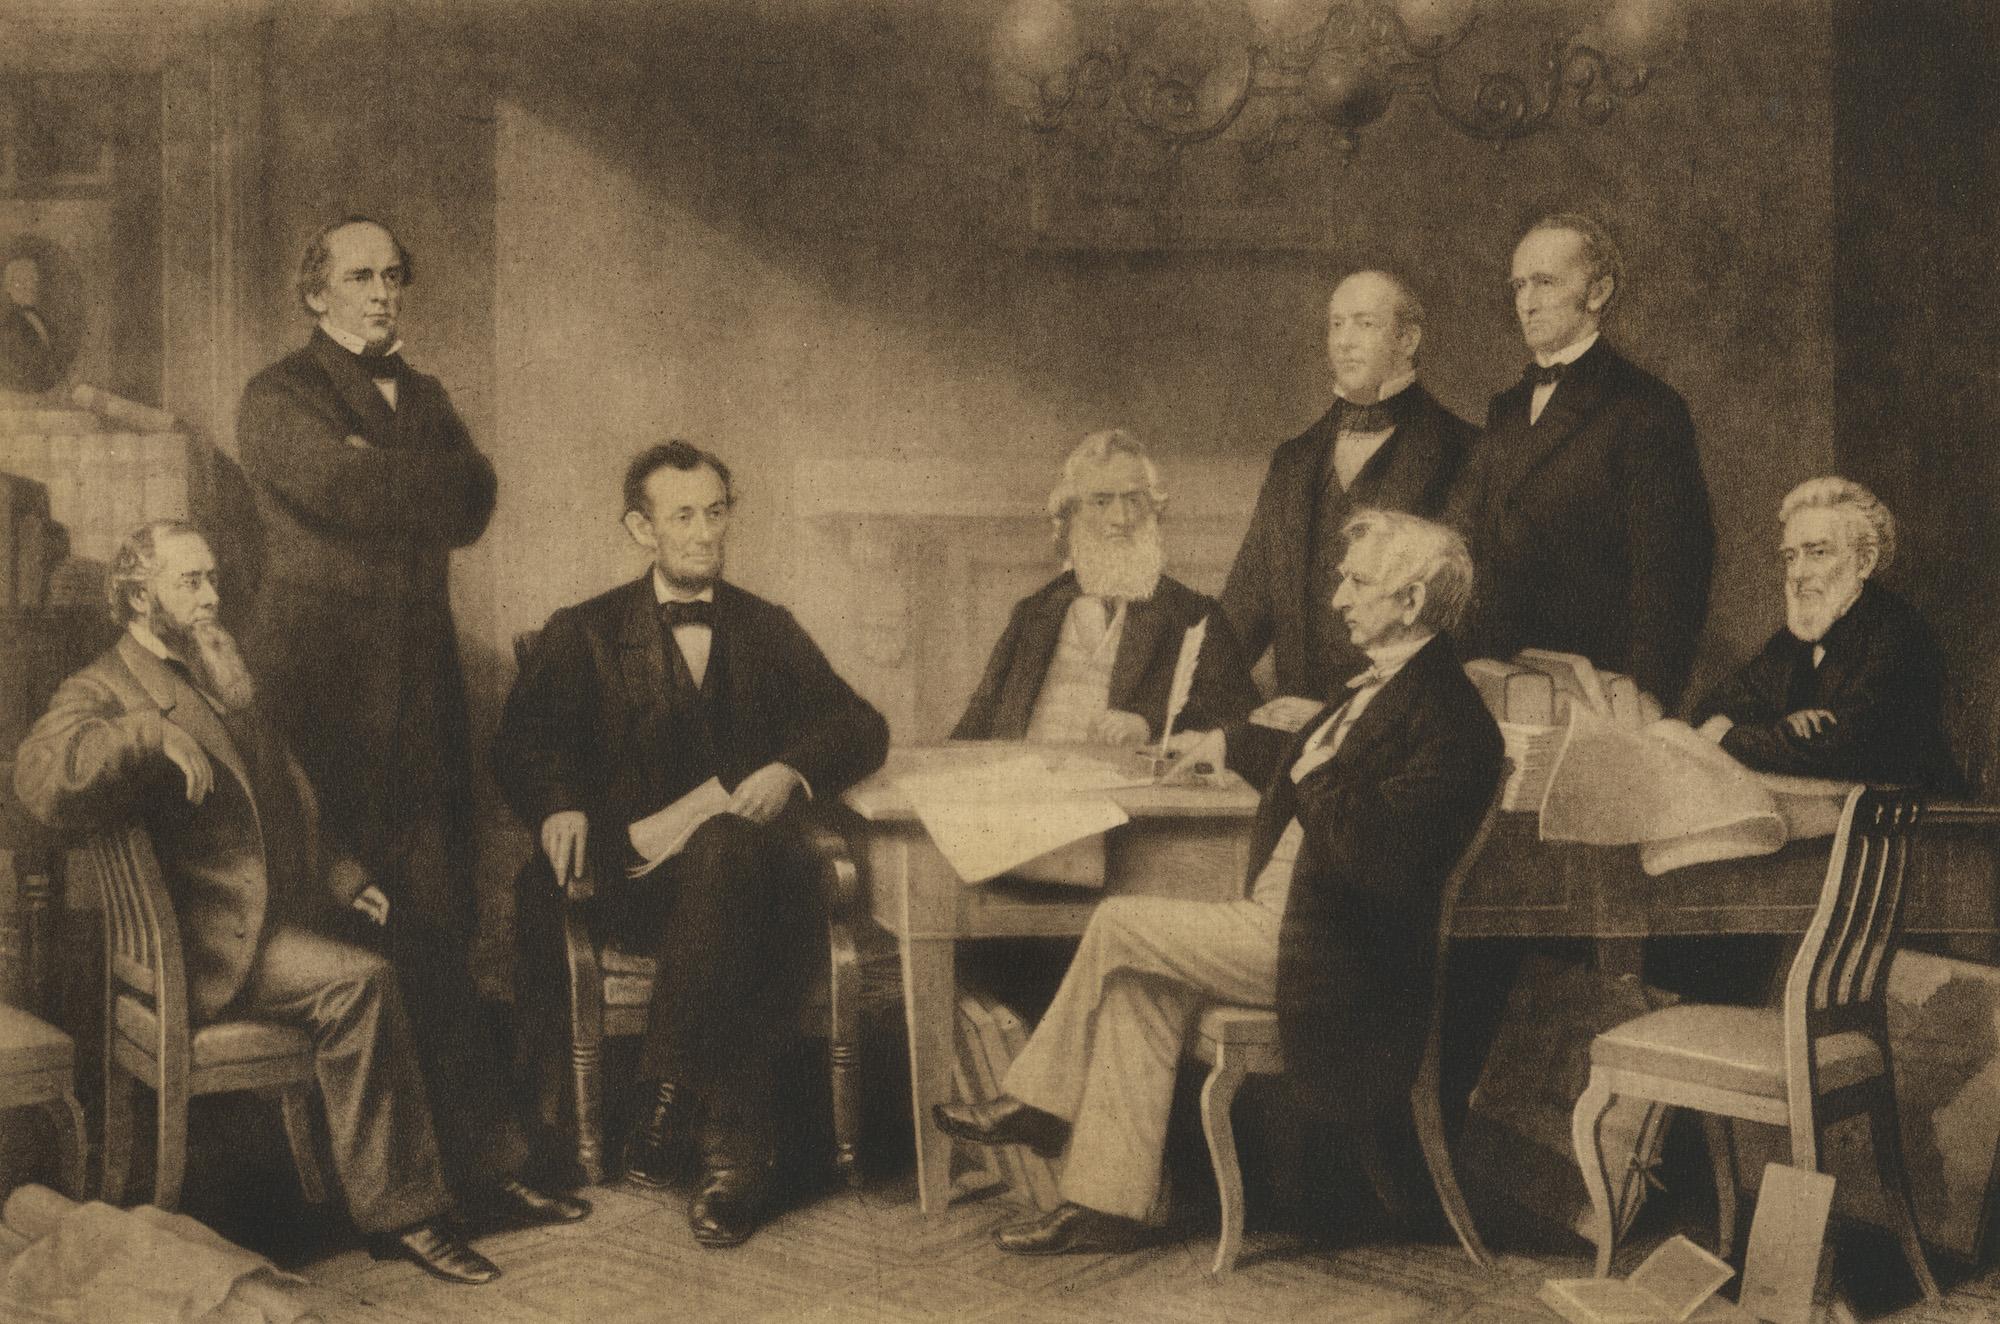 أبراهام لينكولن أثناء القراءة الأولى لإعلان تحرير العبيد.